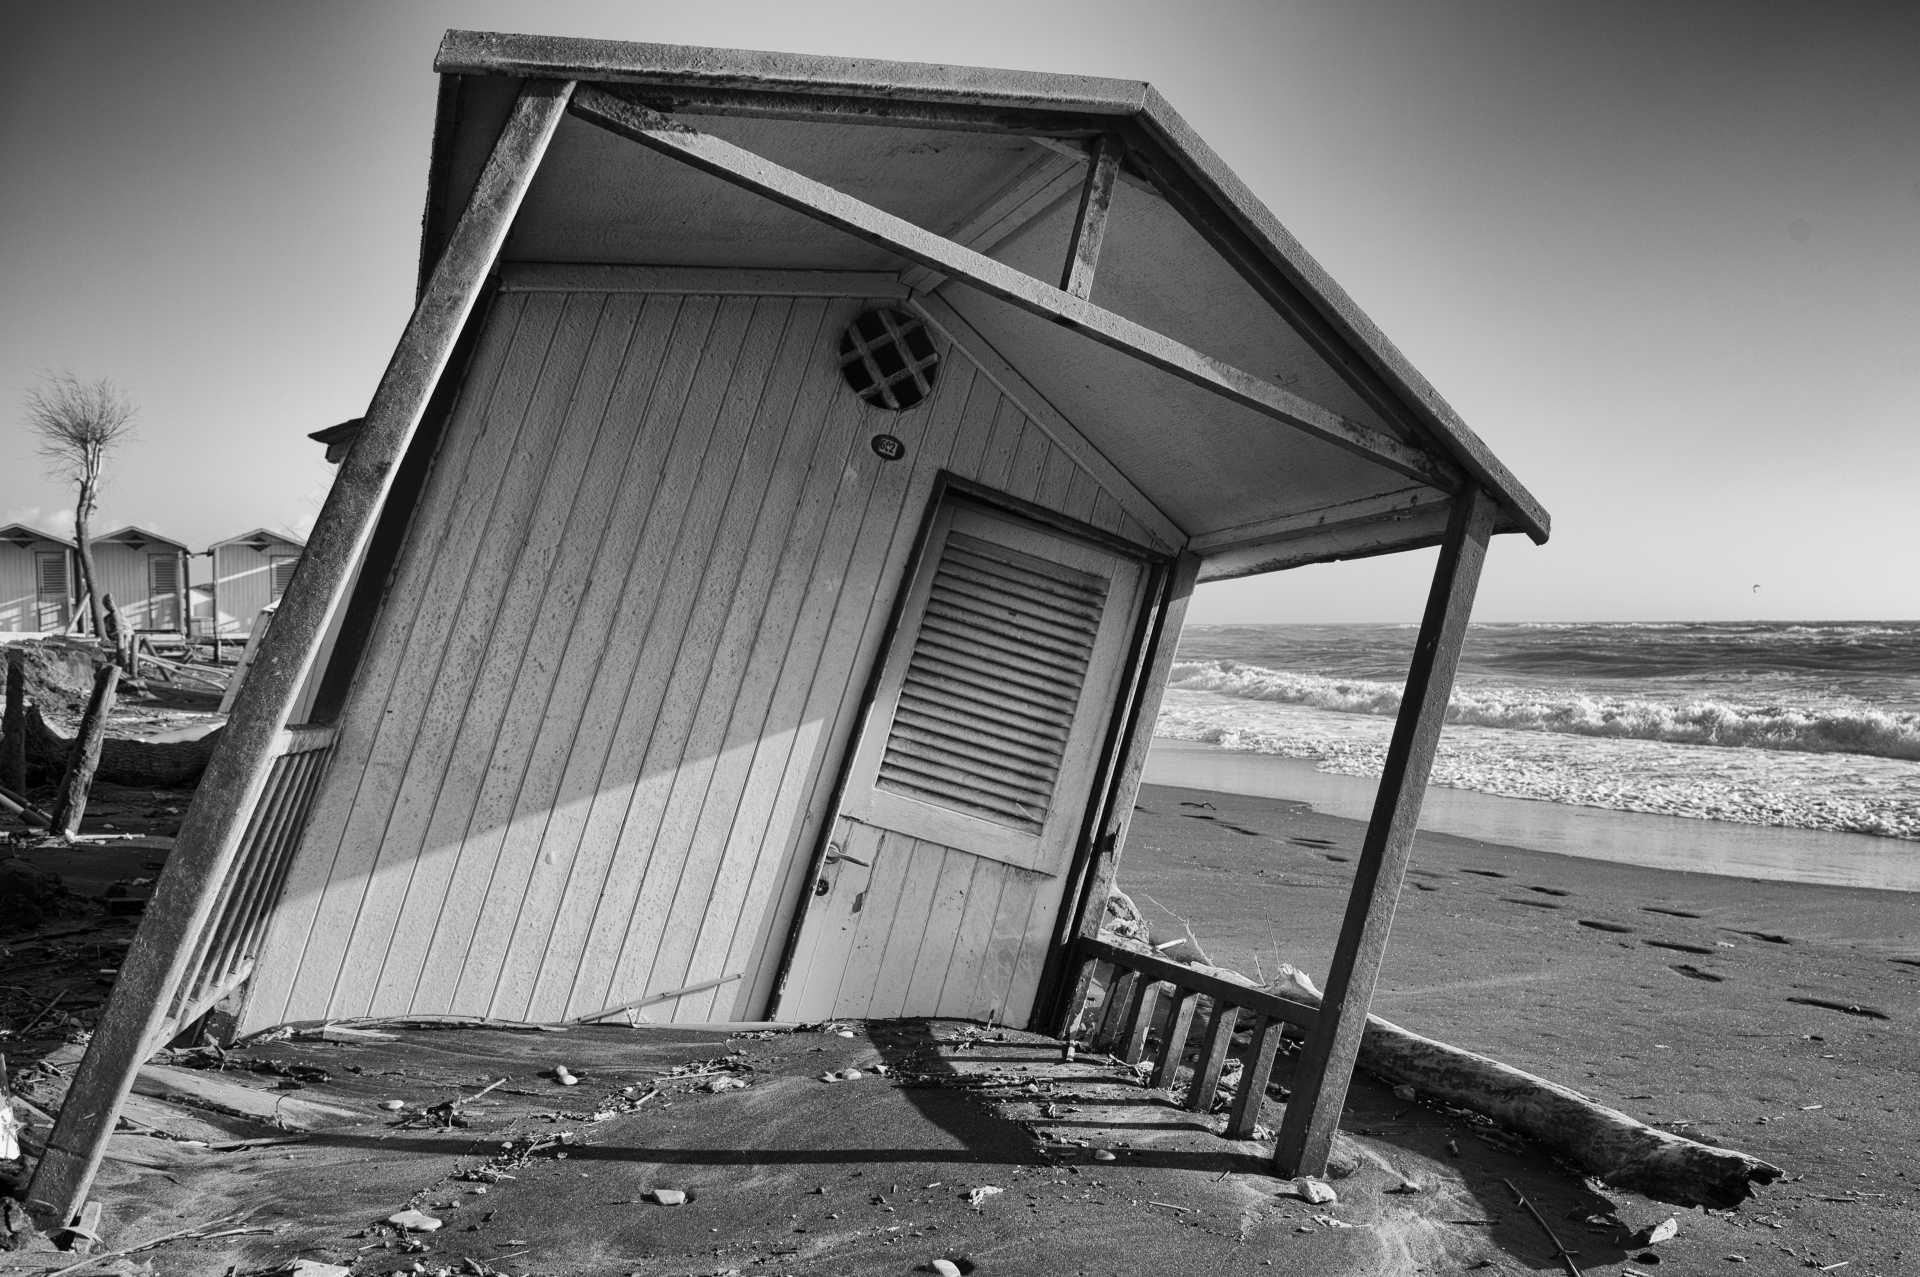 L'erosione costiera a Ostia, il nuovo libro di Ilaria Falconi